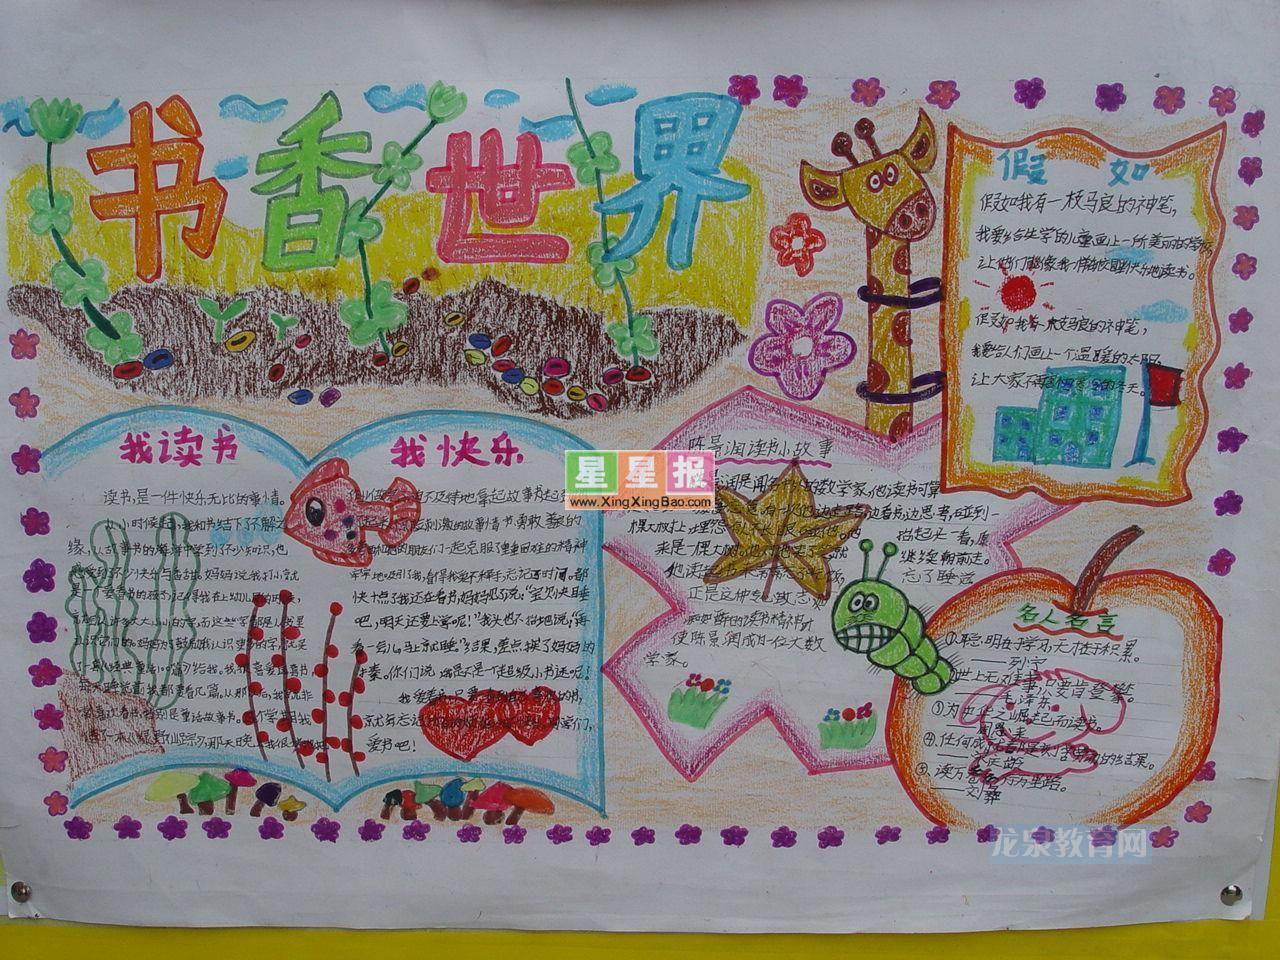 书香世界手抄报版面设计图